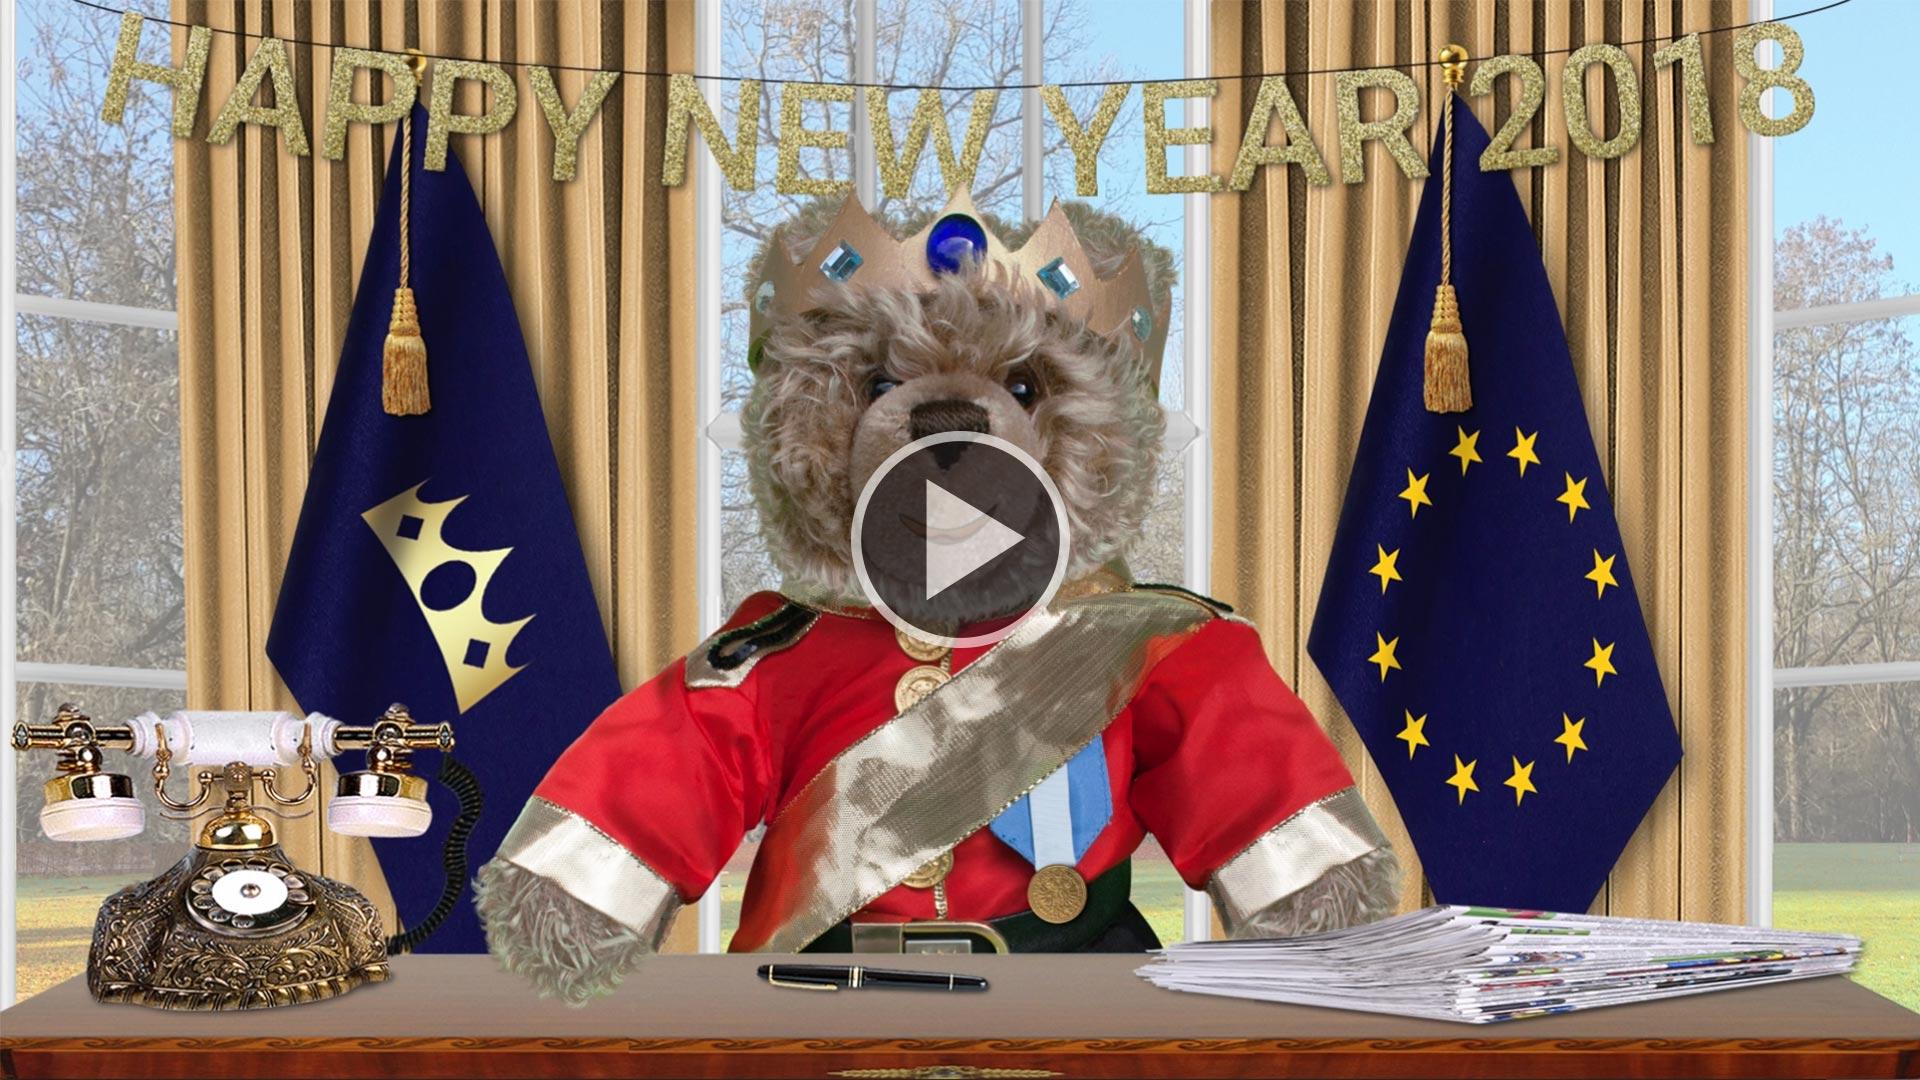 Neujahrsansprache 2018 von König Opa